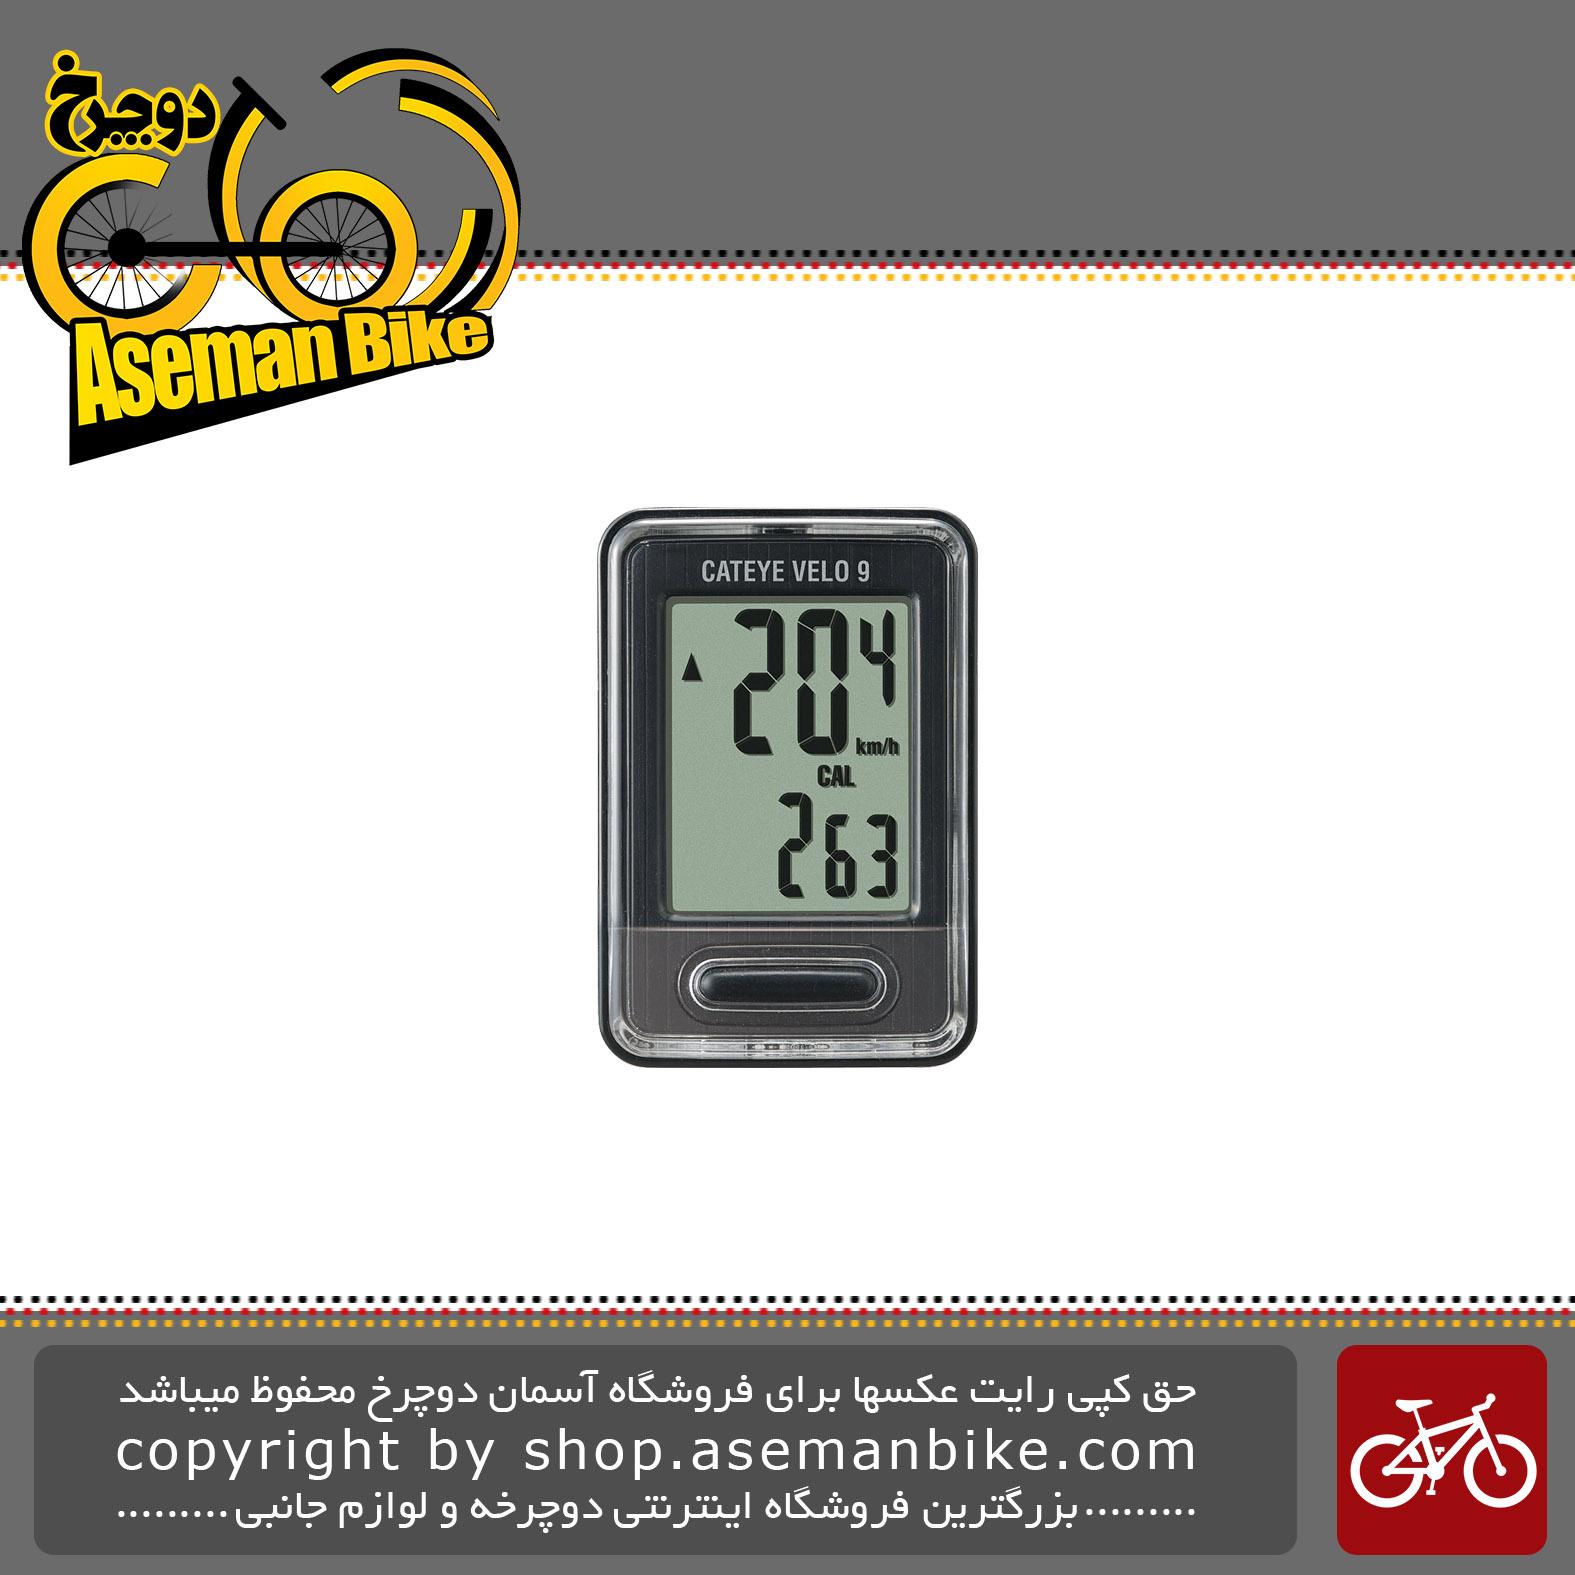 کیلومتر شمار دوچرخه کت آی مدل ولو ناین 9 کاره Cat Eye Odometer Velo 9 9 Functions